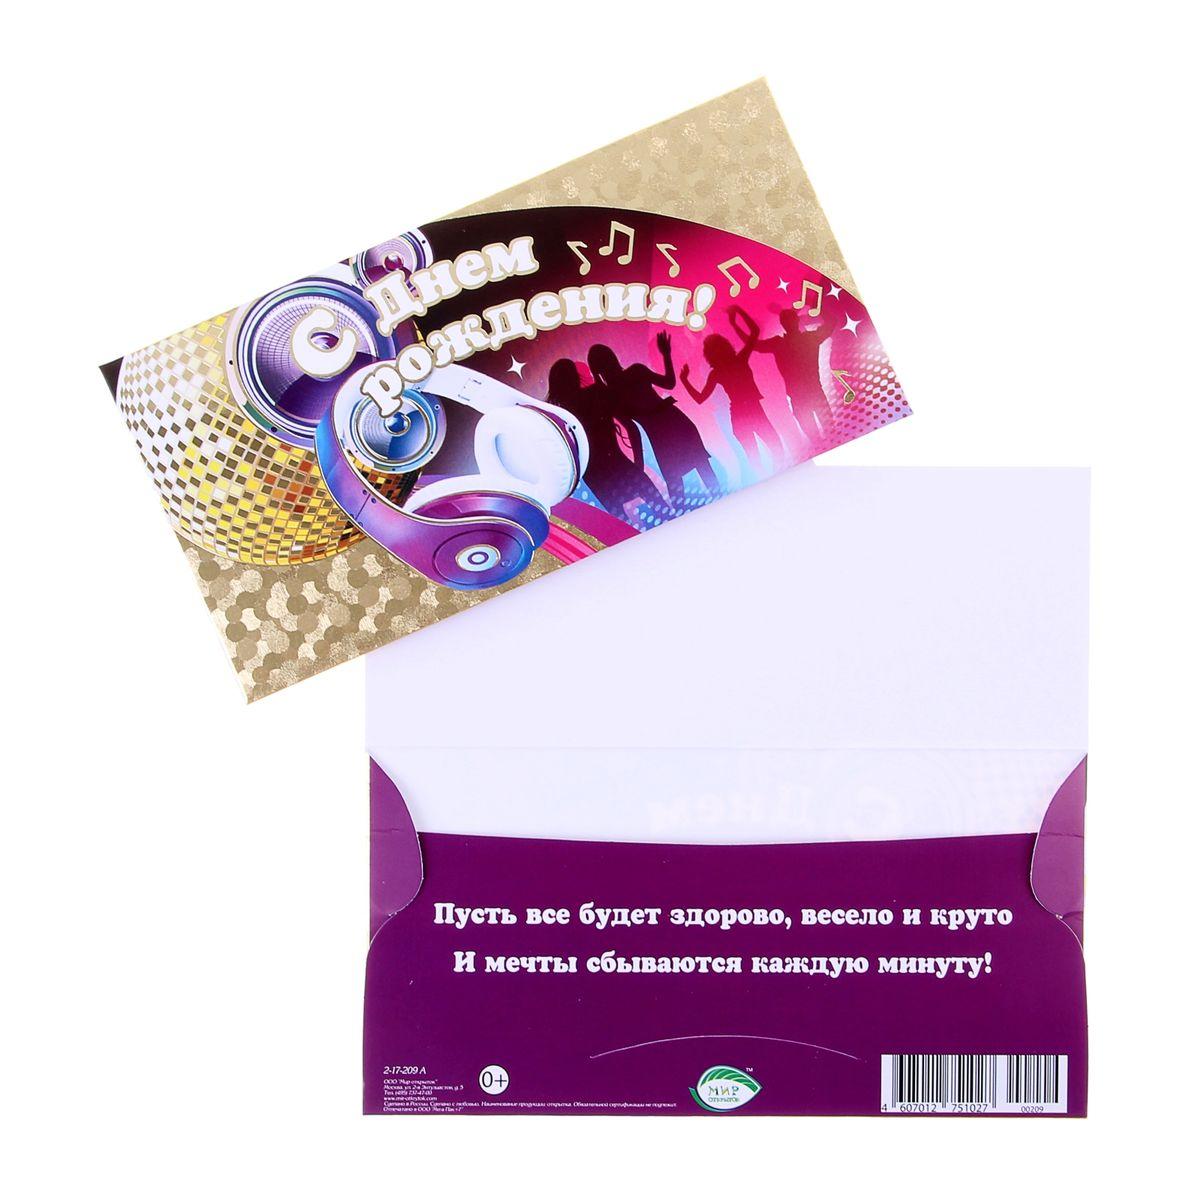 Конверт для денег С Днем рождения!. 10945421094542Конверт для денег С Днем Рождения! выполнен из картона и украшен яркой картинкой, соответствующей событию, для которого предназначен. Это необычная красивая одежка для денежного подарка, а так же отличная возможность сделать его более праздничным и создать прекрасное настроение!